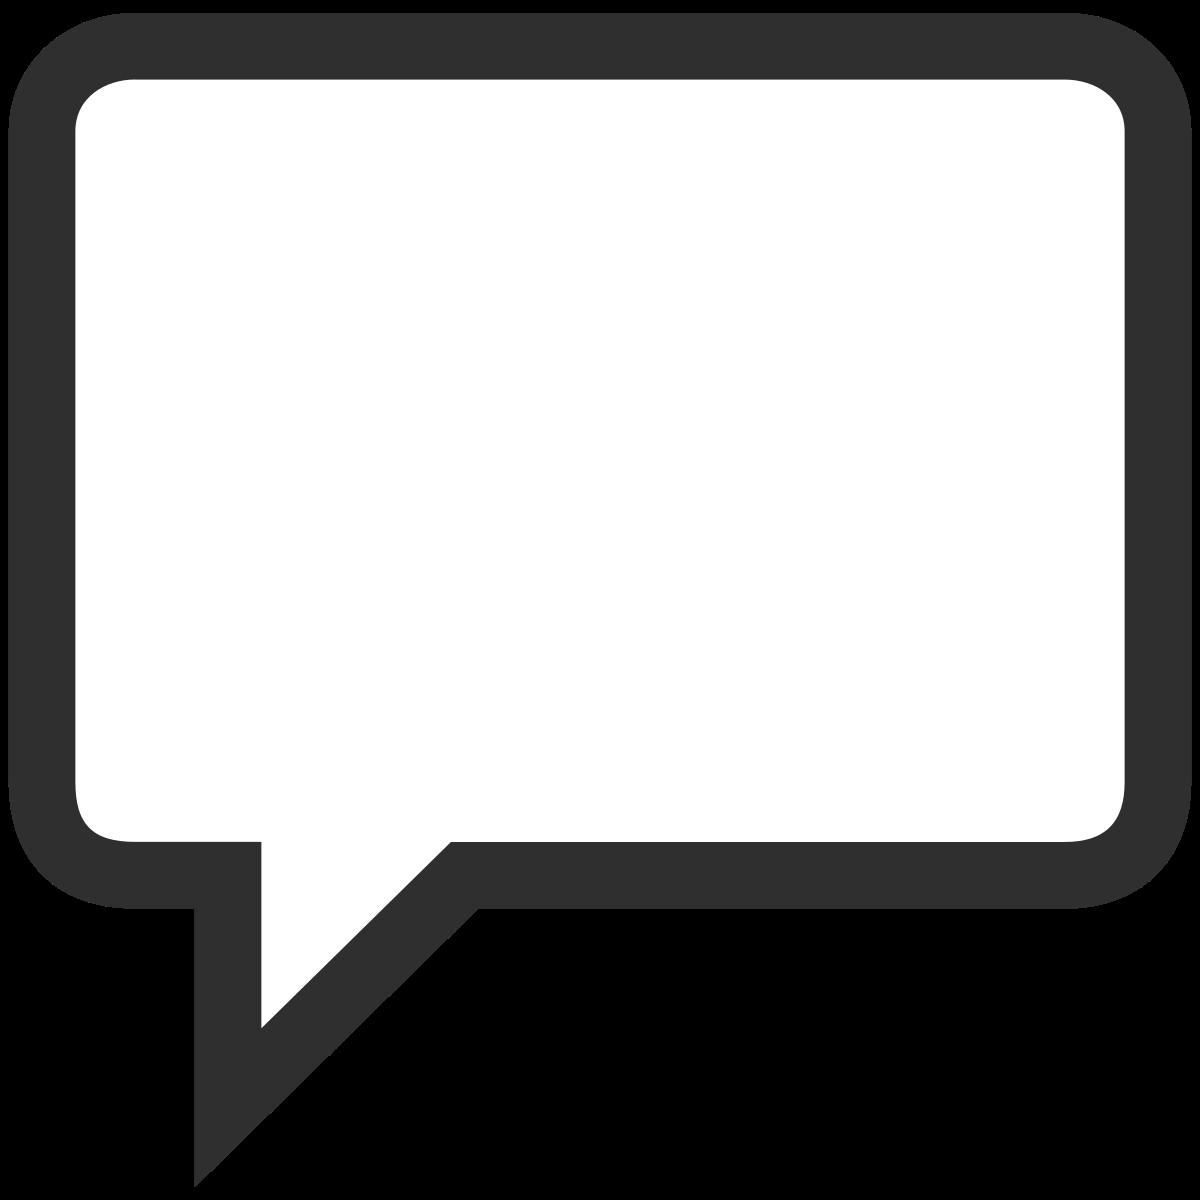 square clipart speech bubble